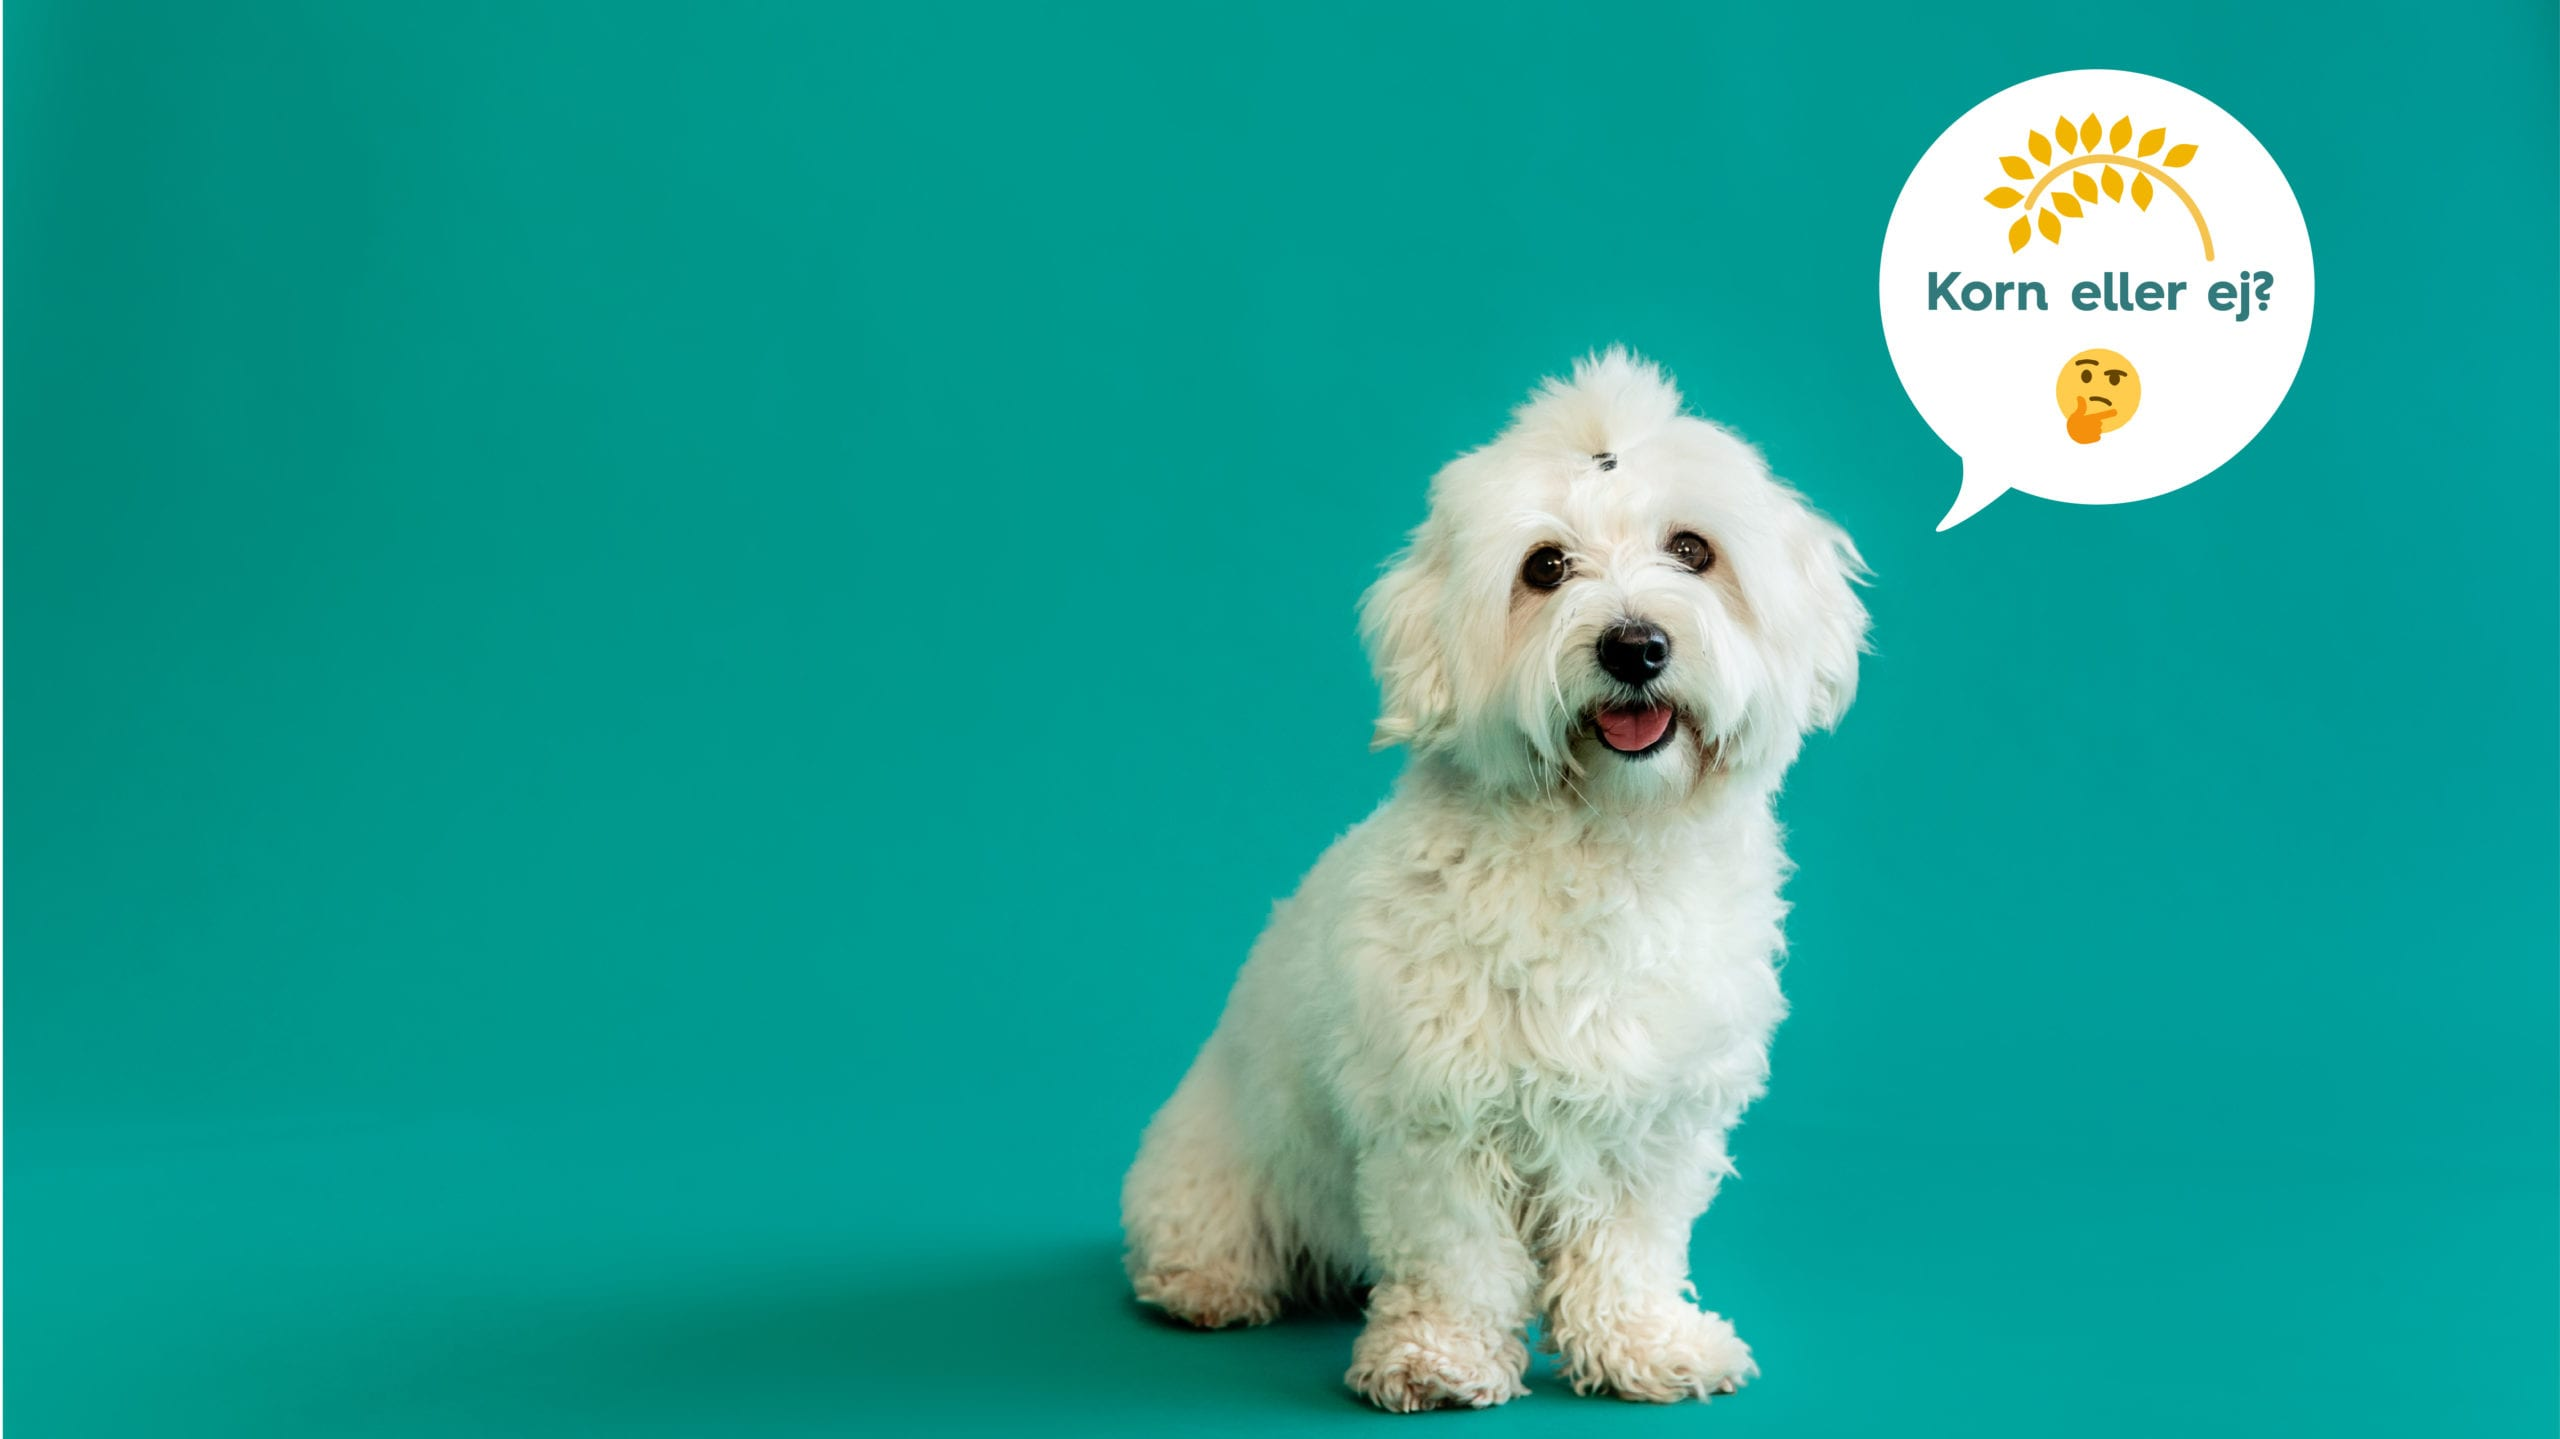 hund spørger om den skal have korn eller ej